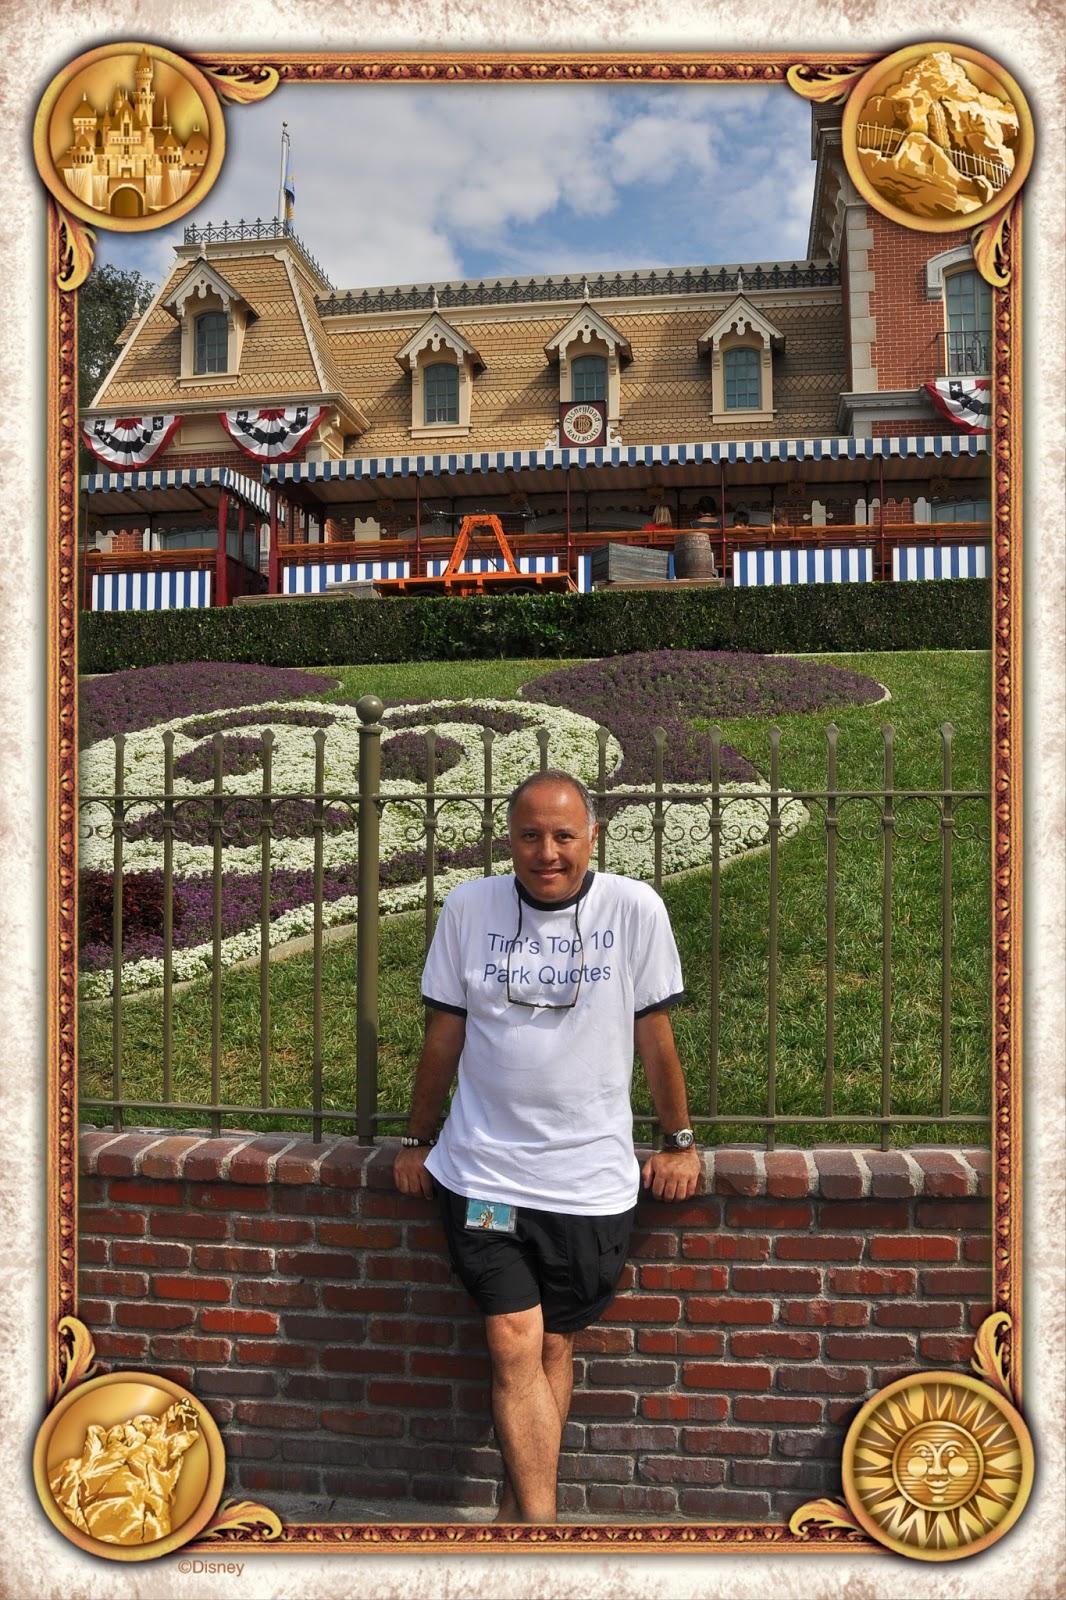 Happy 58th Birthday Disneyland